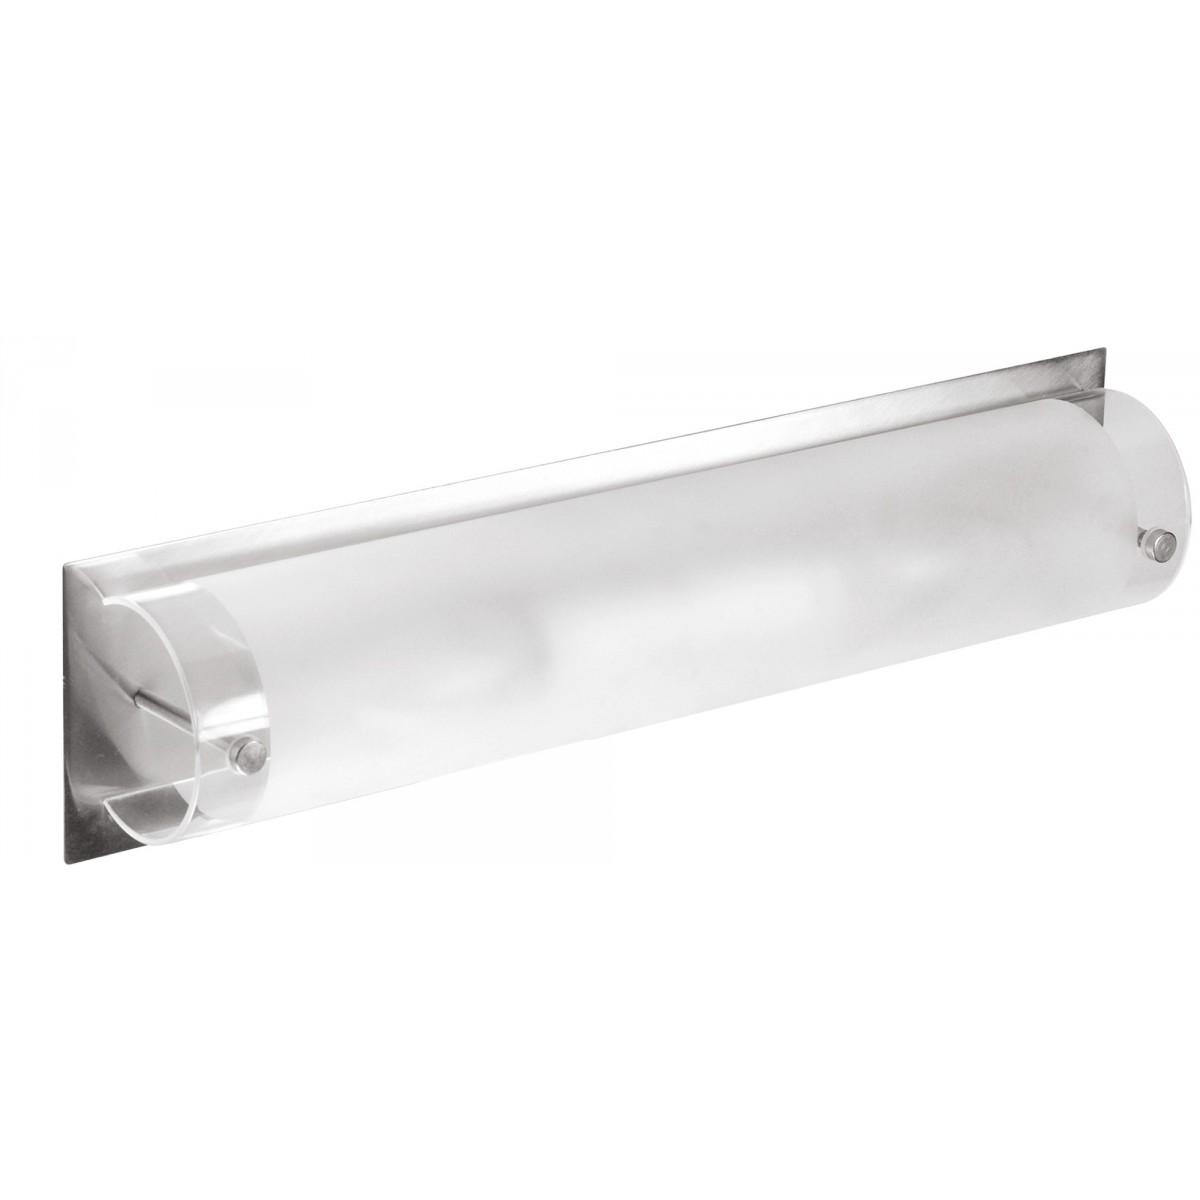 Applique de salle de bains Modéna Ranex - Longueur 380 mm - Hauteur 90 mm